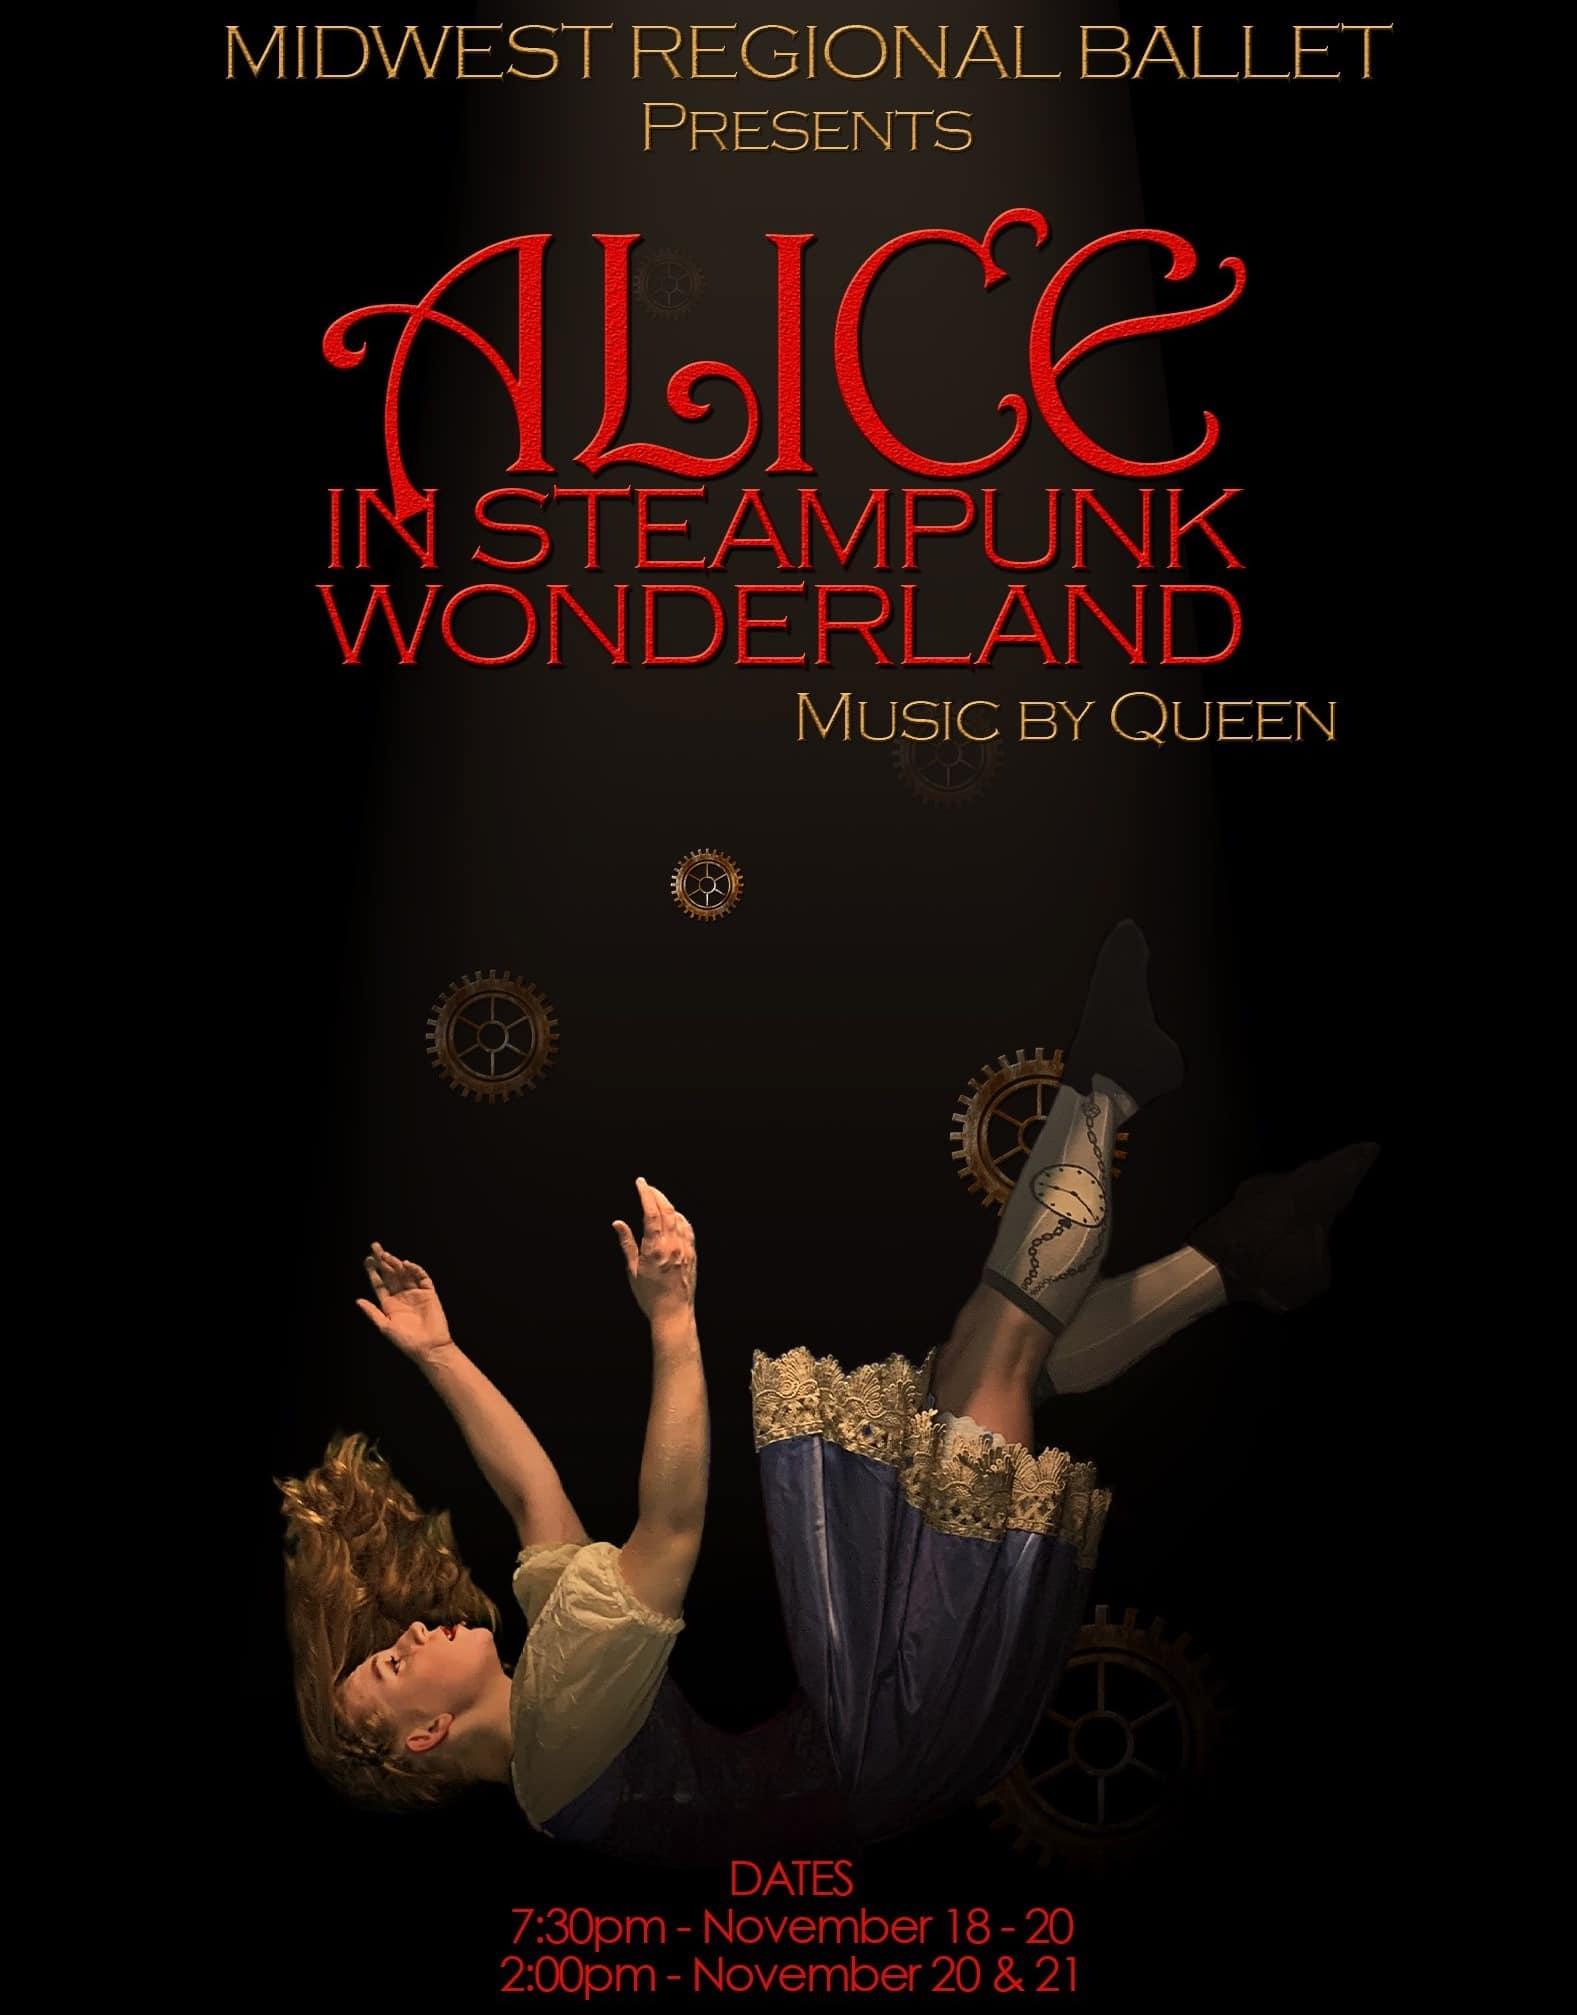 Midwest Regional Ballet Presents Alice in Steampunk Wonderland